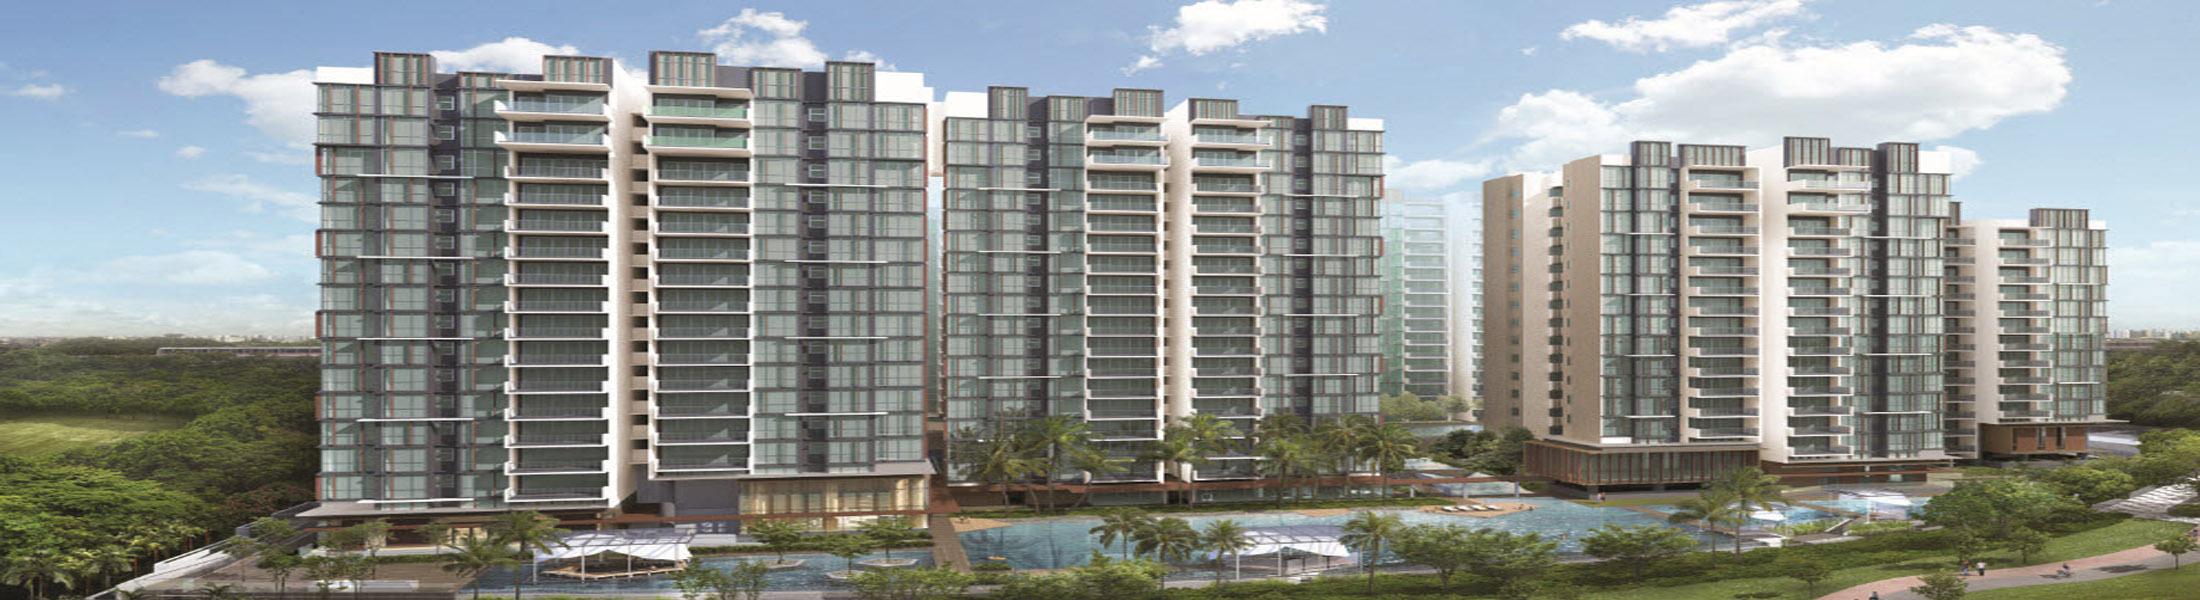 The terrace executive condo propertyfactsheet for Use terrace in a sentence